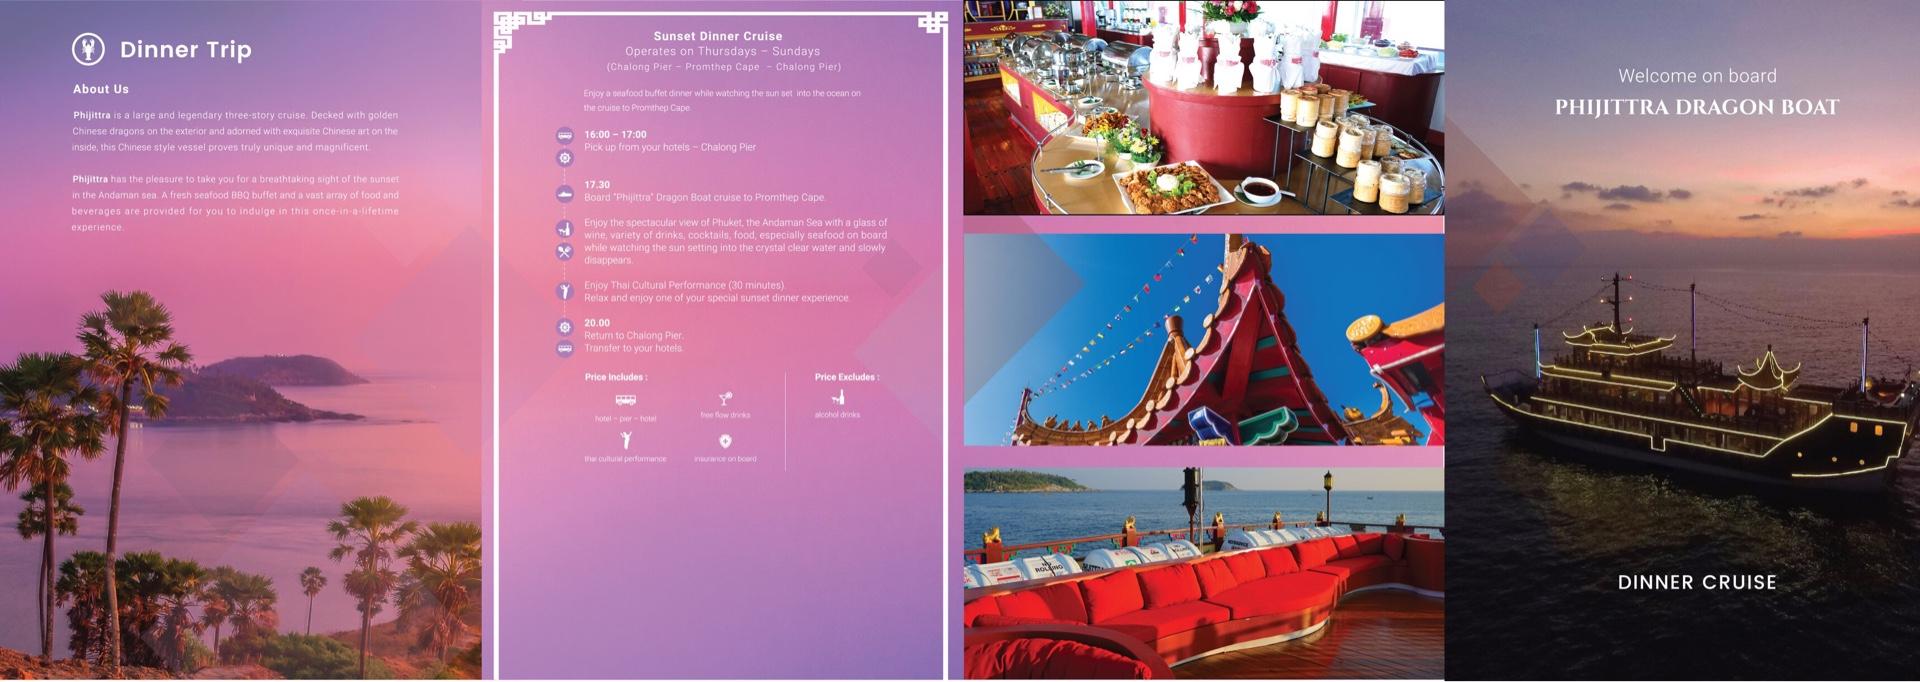 Dragon Boat Dinner - Dinner Cruise Brochure